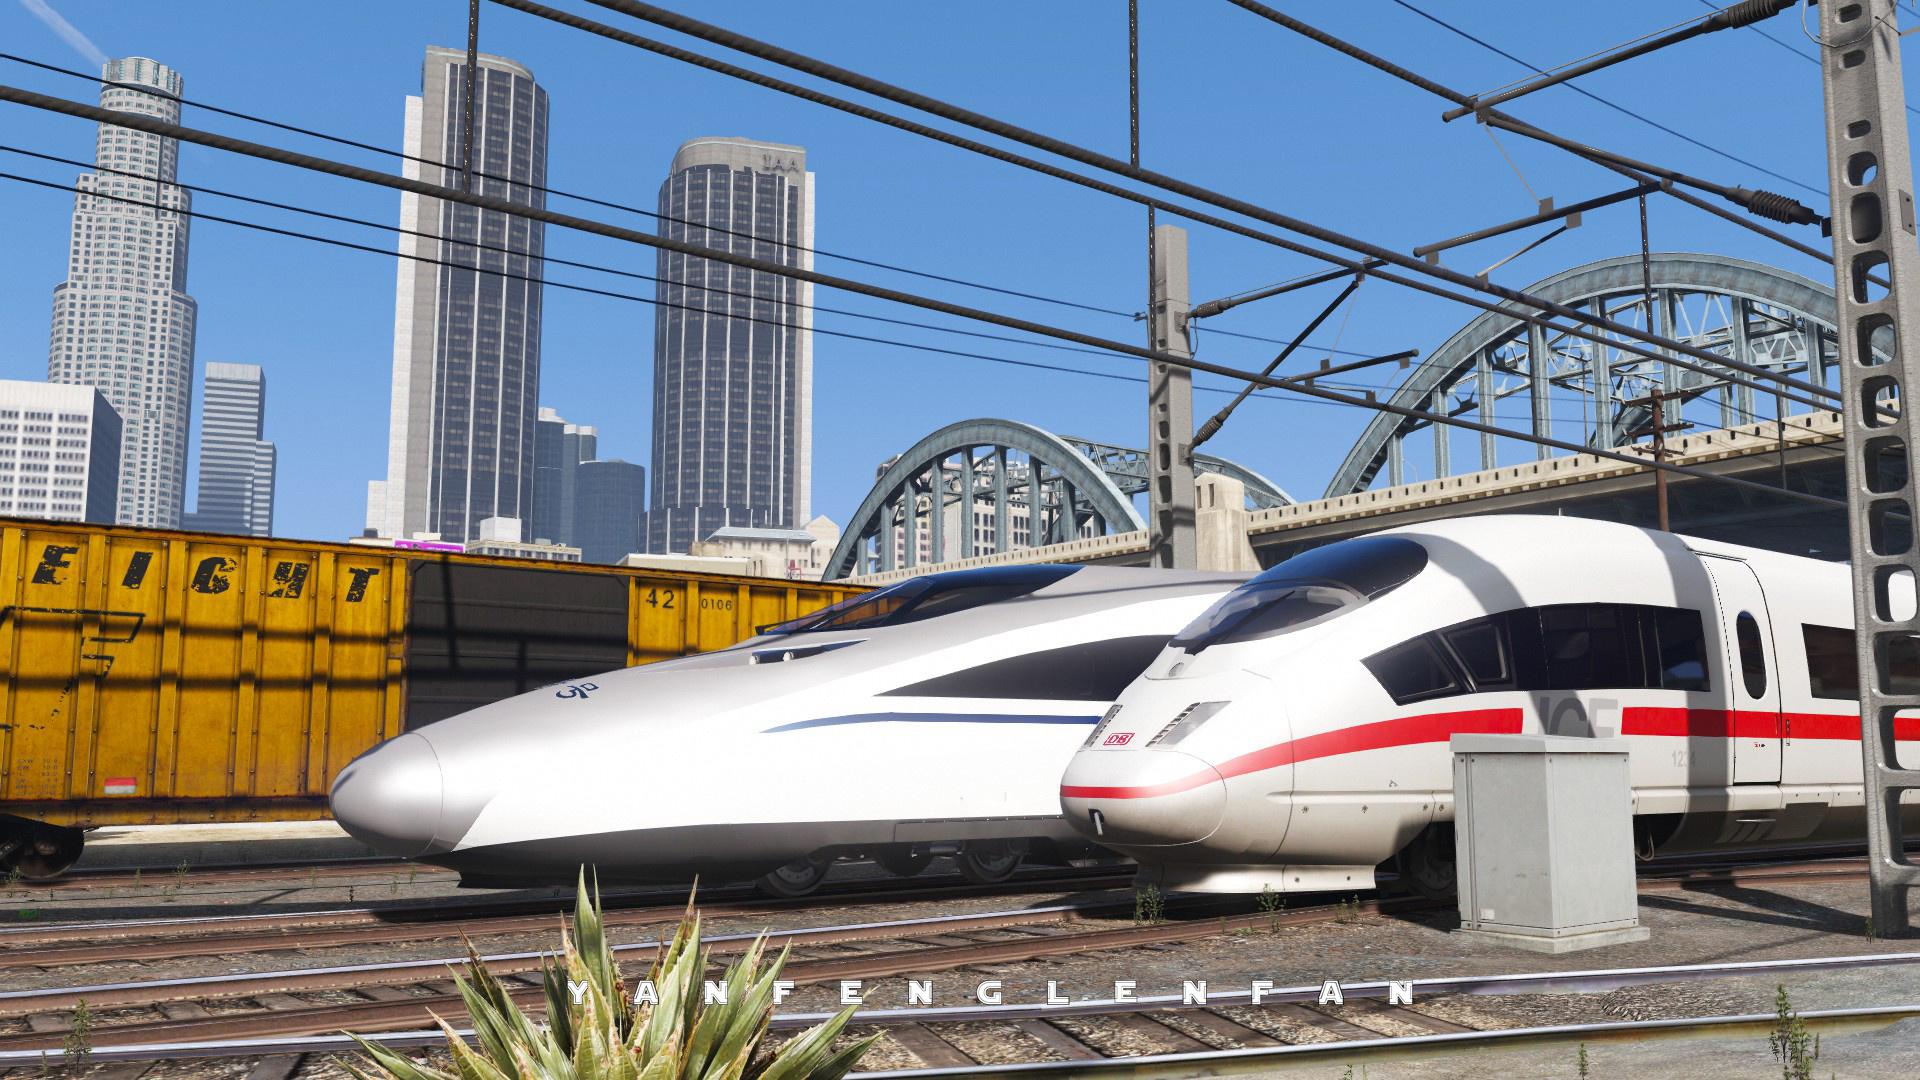 train simulator 2014 mod